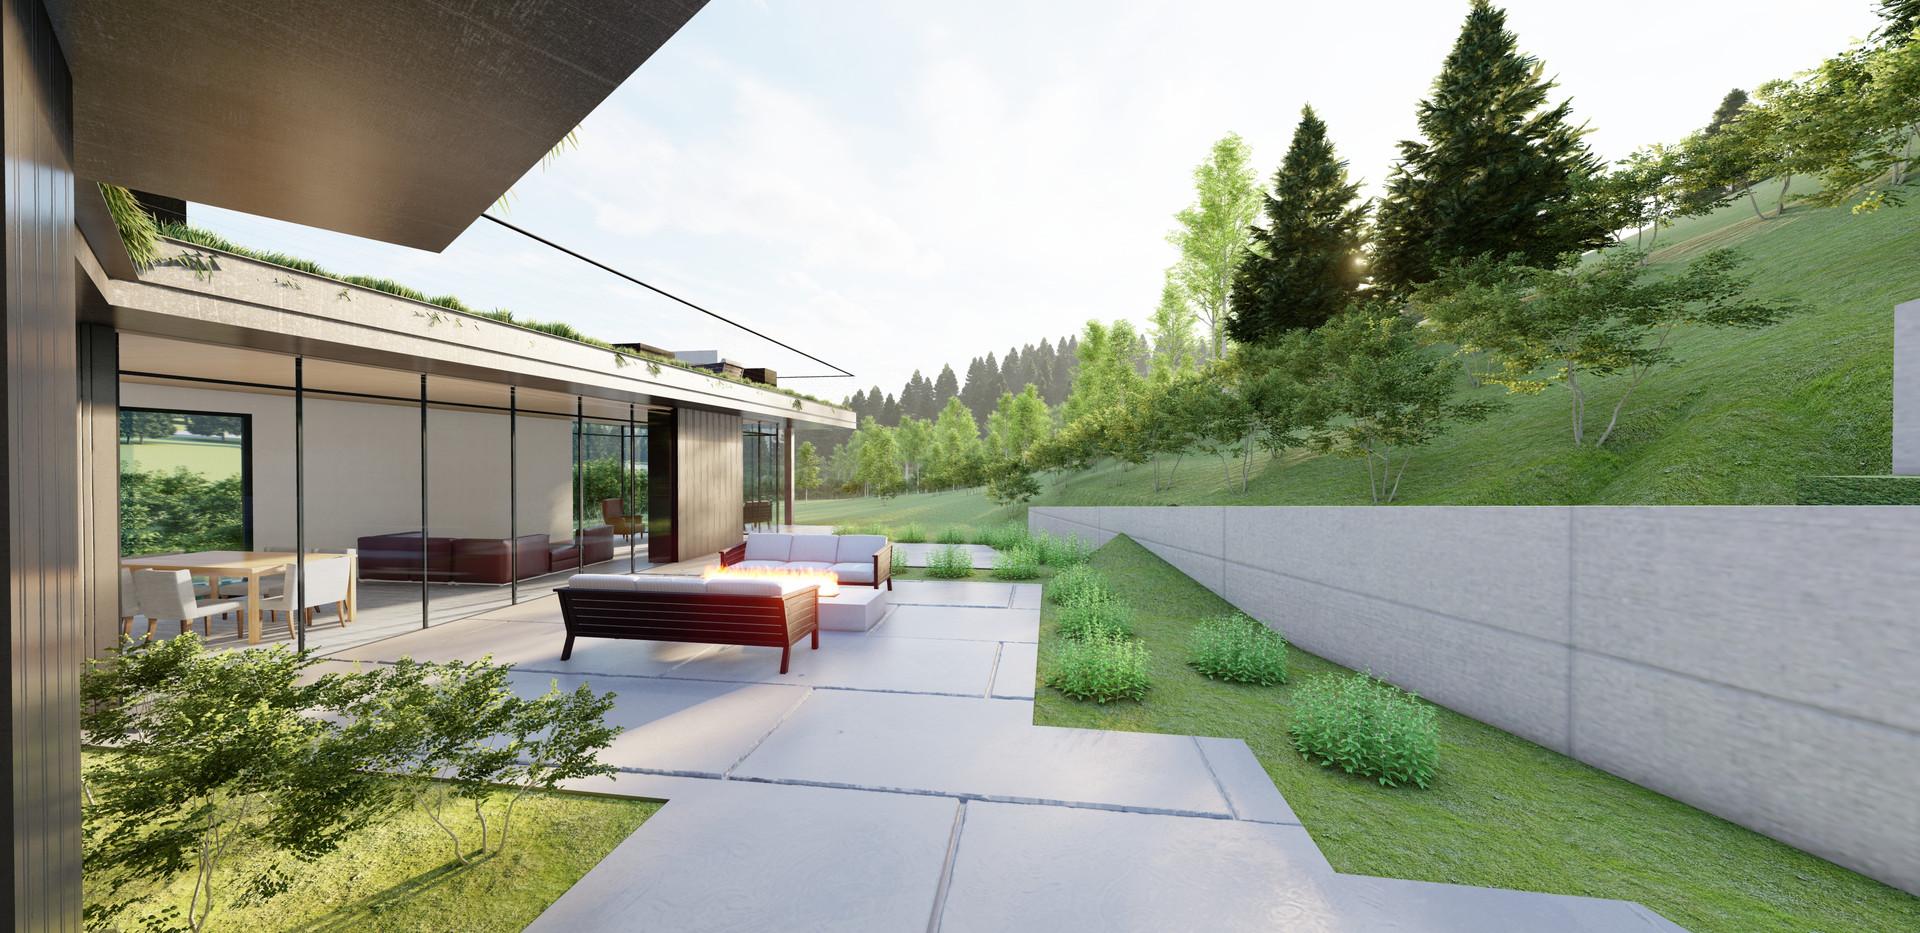 Creekside Terrace - Courtyard from Bedro